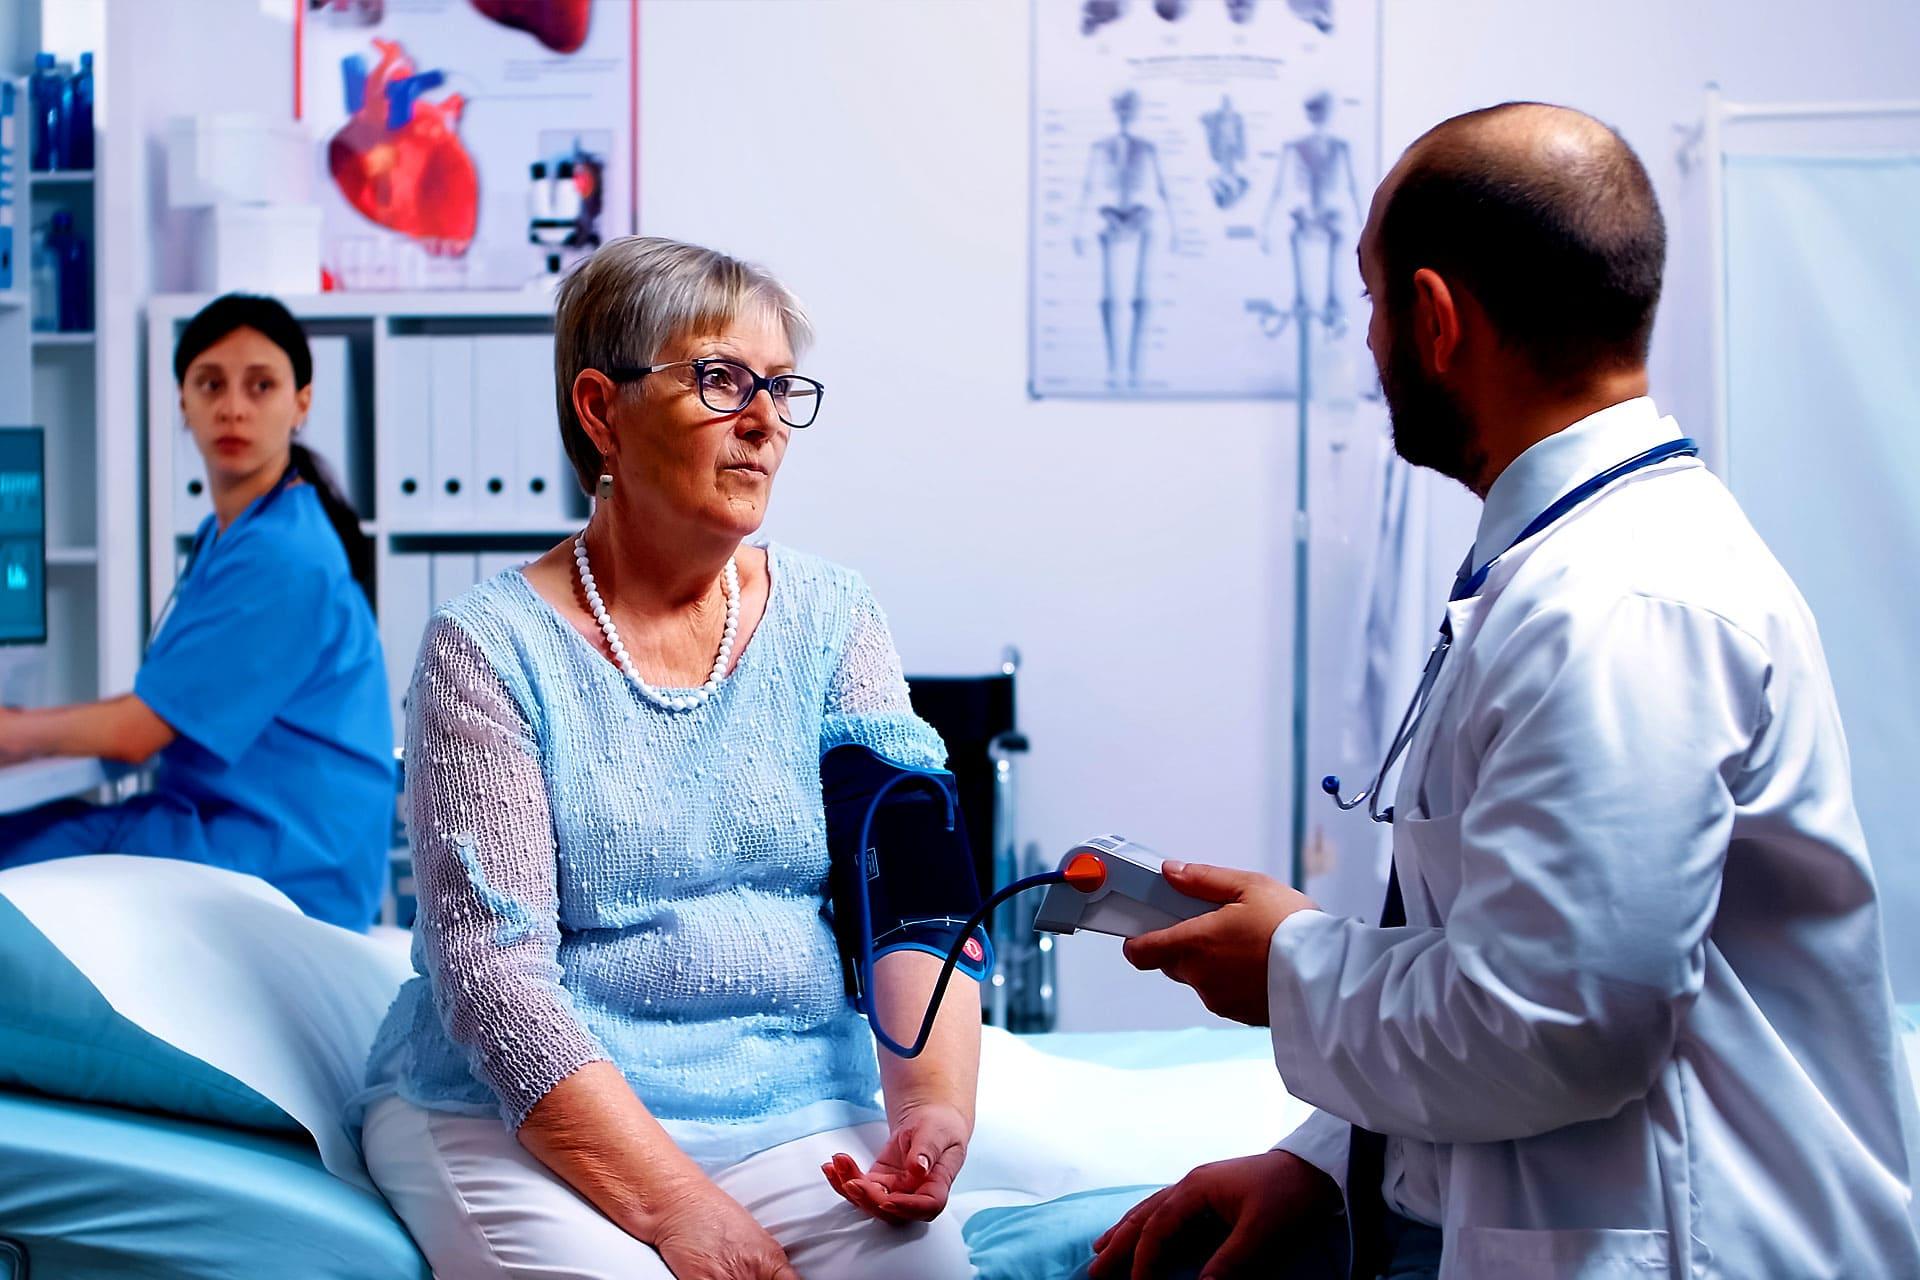 Ipertensione: la tabella dei valori e dei gradi di..